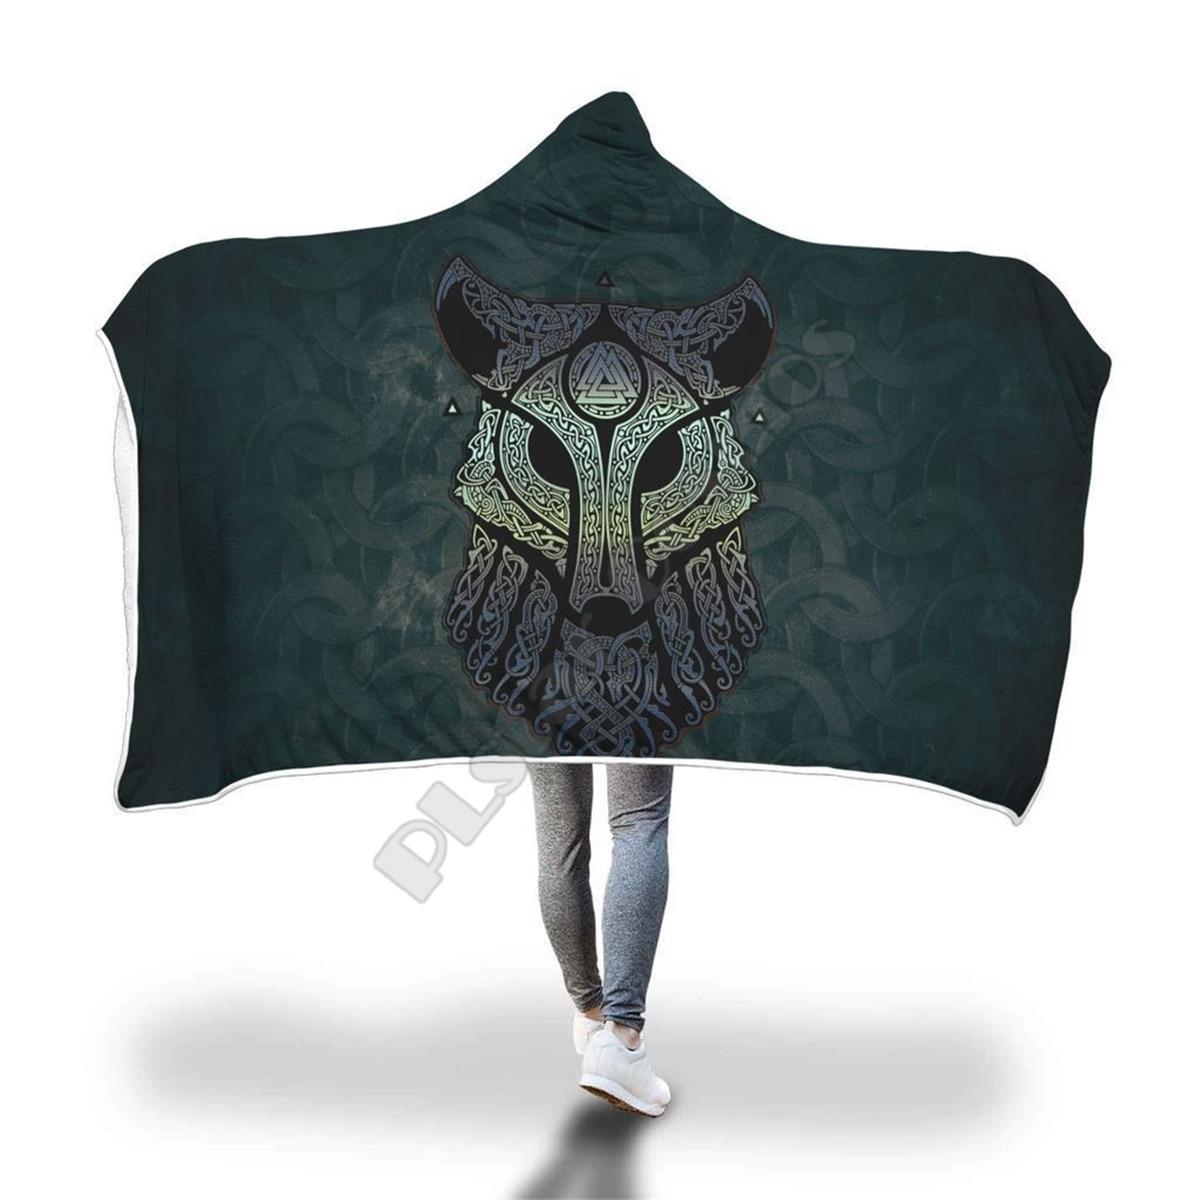 بطانية بغطاء للرأس من فايكنغ وولف للبالغين والأطفال ، بطانية شيربا من الصوف ، يمكن ارتداؤها ، مصنوعة من الألياف الدقيقة ، نمط الفراش-14